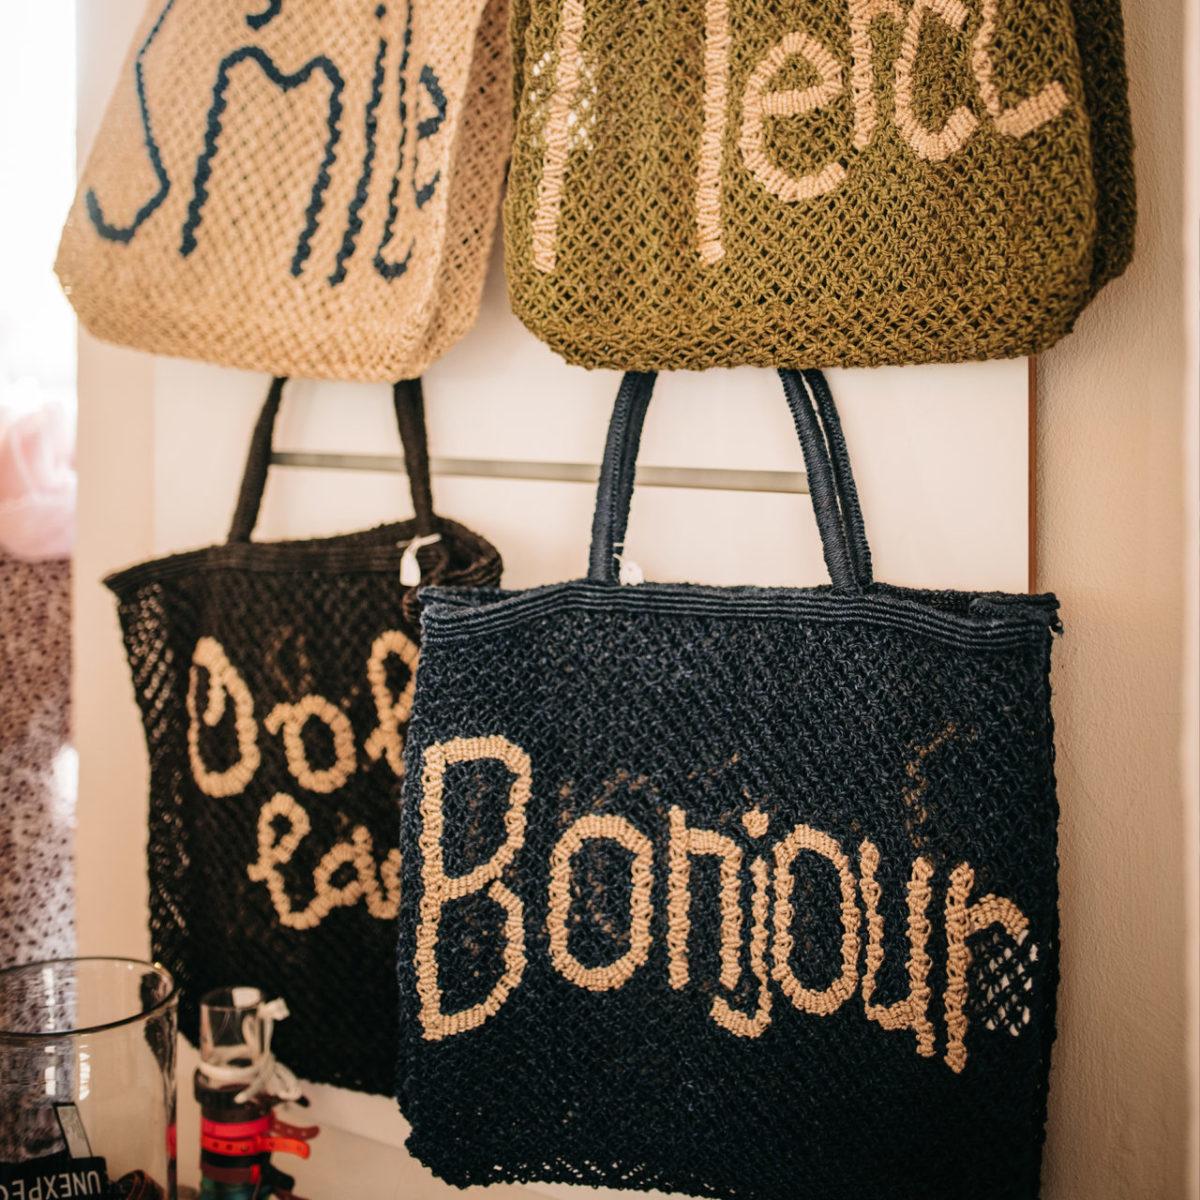 Inside Living Onlineshop Damenmode Damenbekleidung Lifestyle Mode Moenchengladbach Handtasche